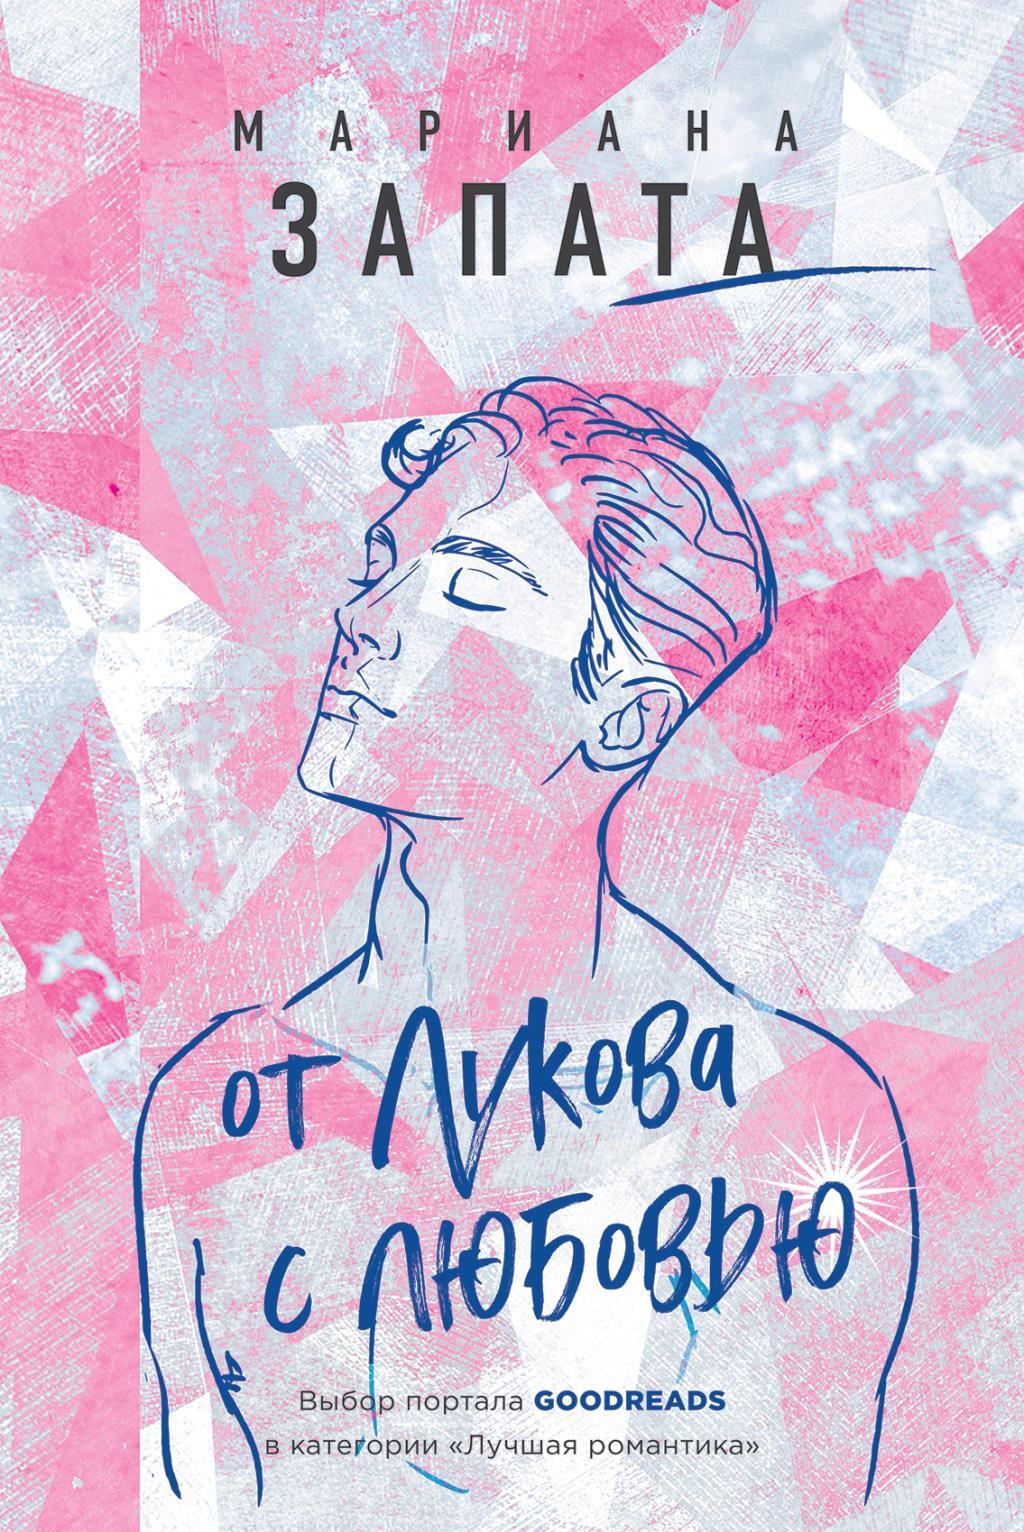 Спорт и сложные отношения в романе Марианы Запаты «От Лукова с любовью»